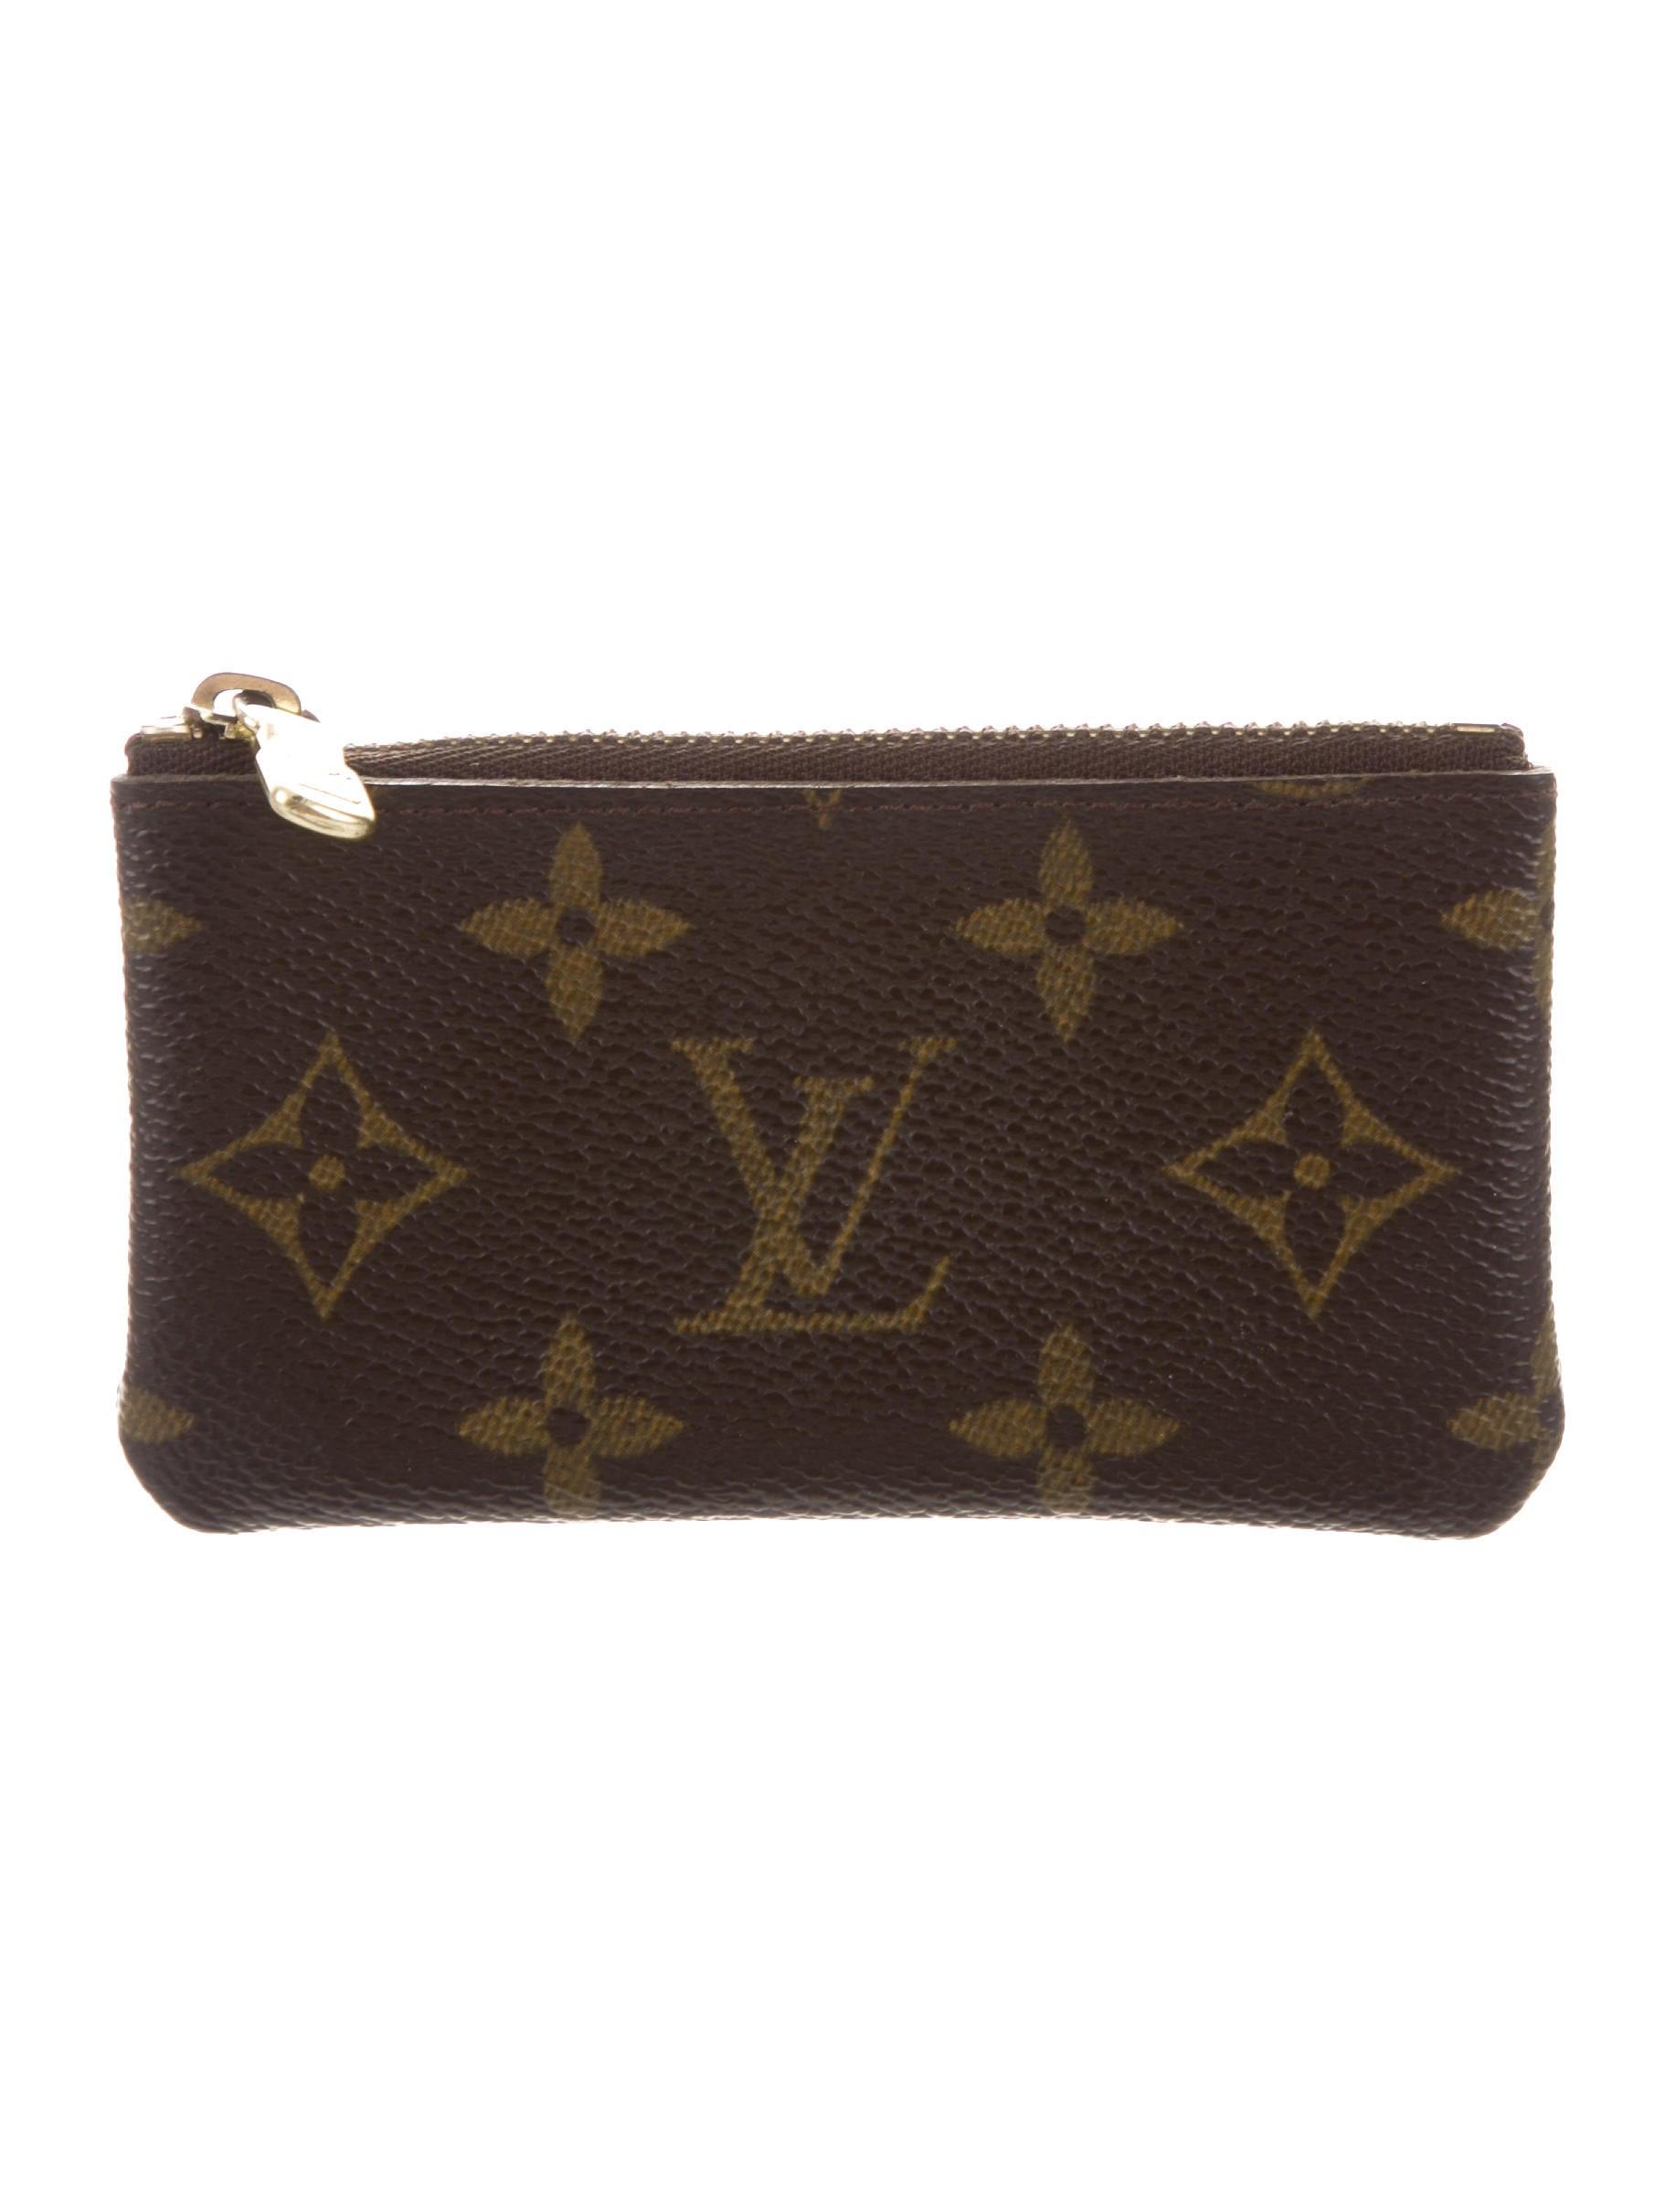 1da8c01281 Louis Vuitton | The RealReal